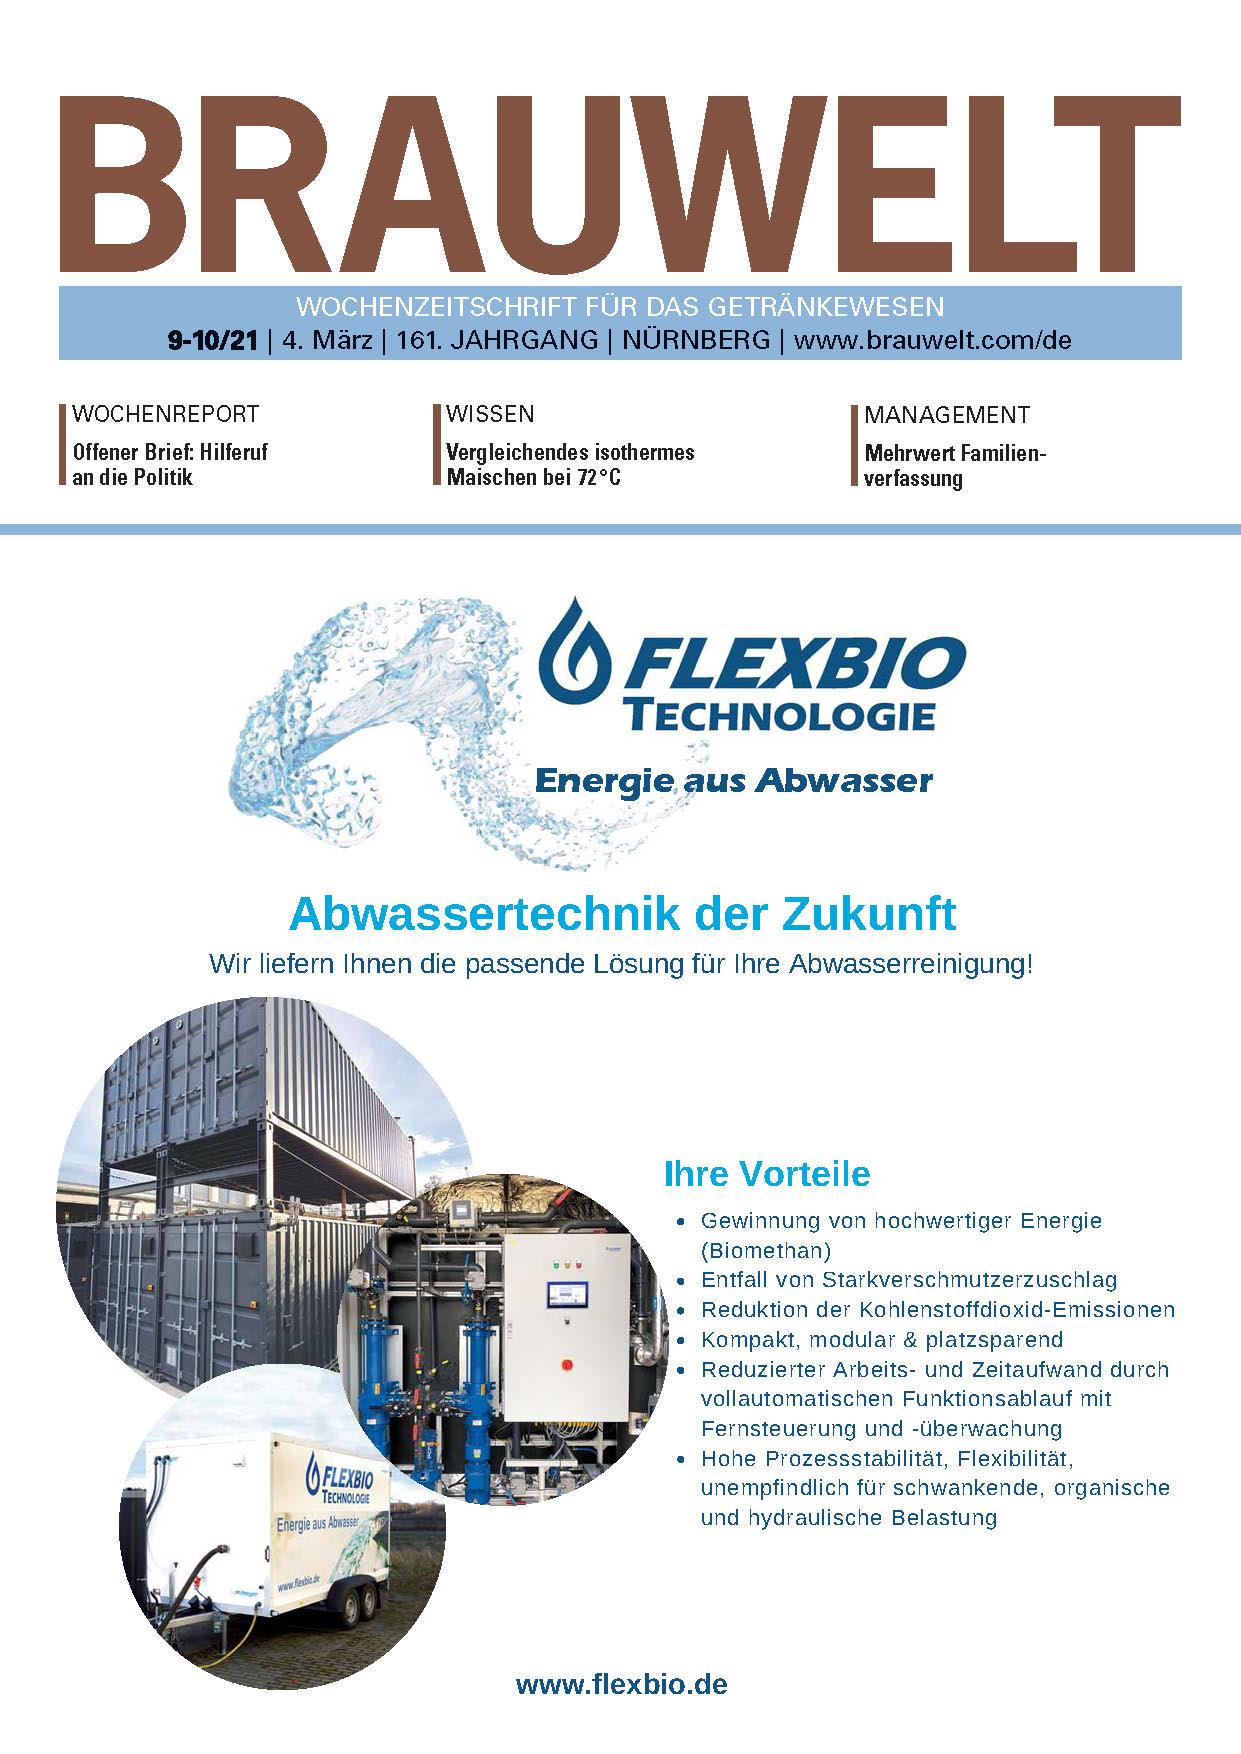 BRAUWELT Titelseite FlexBio Technologie